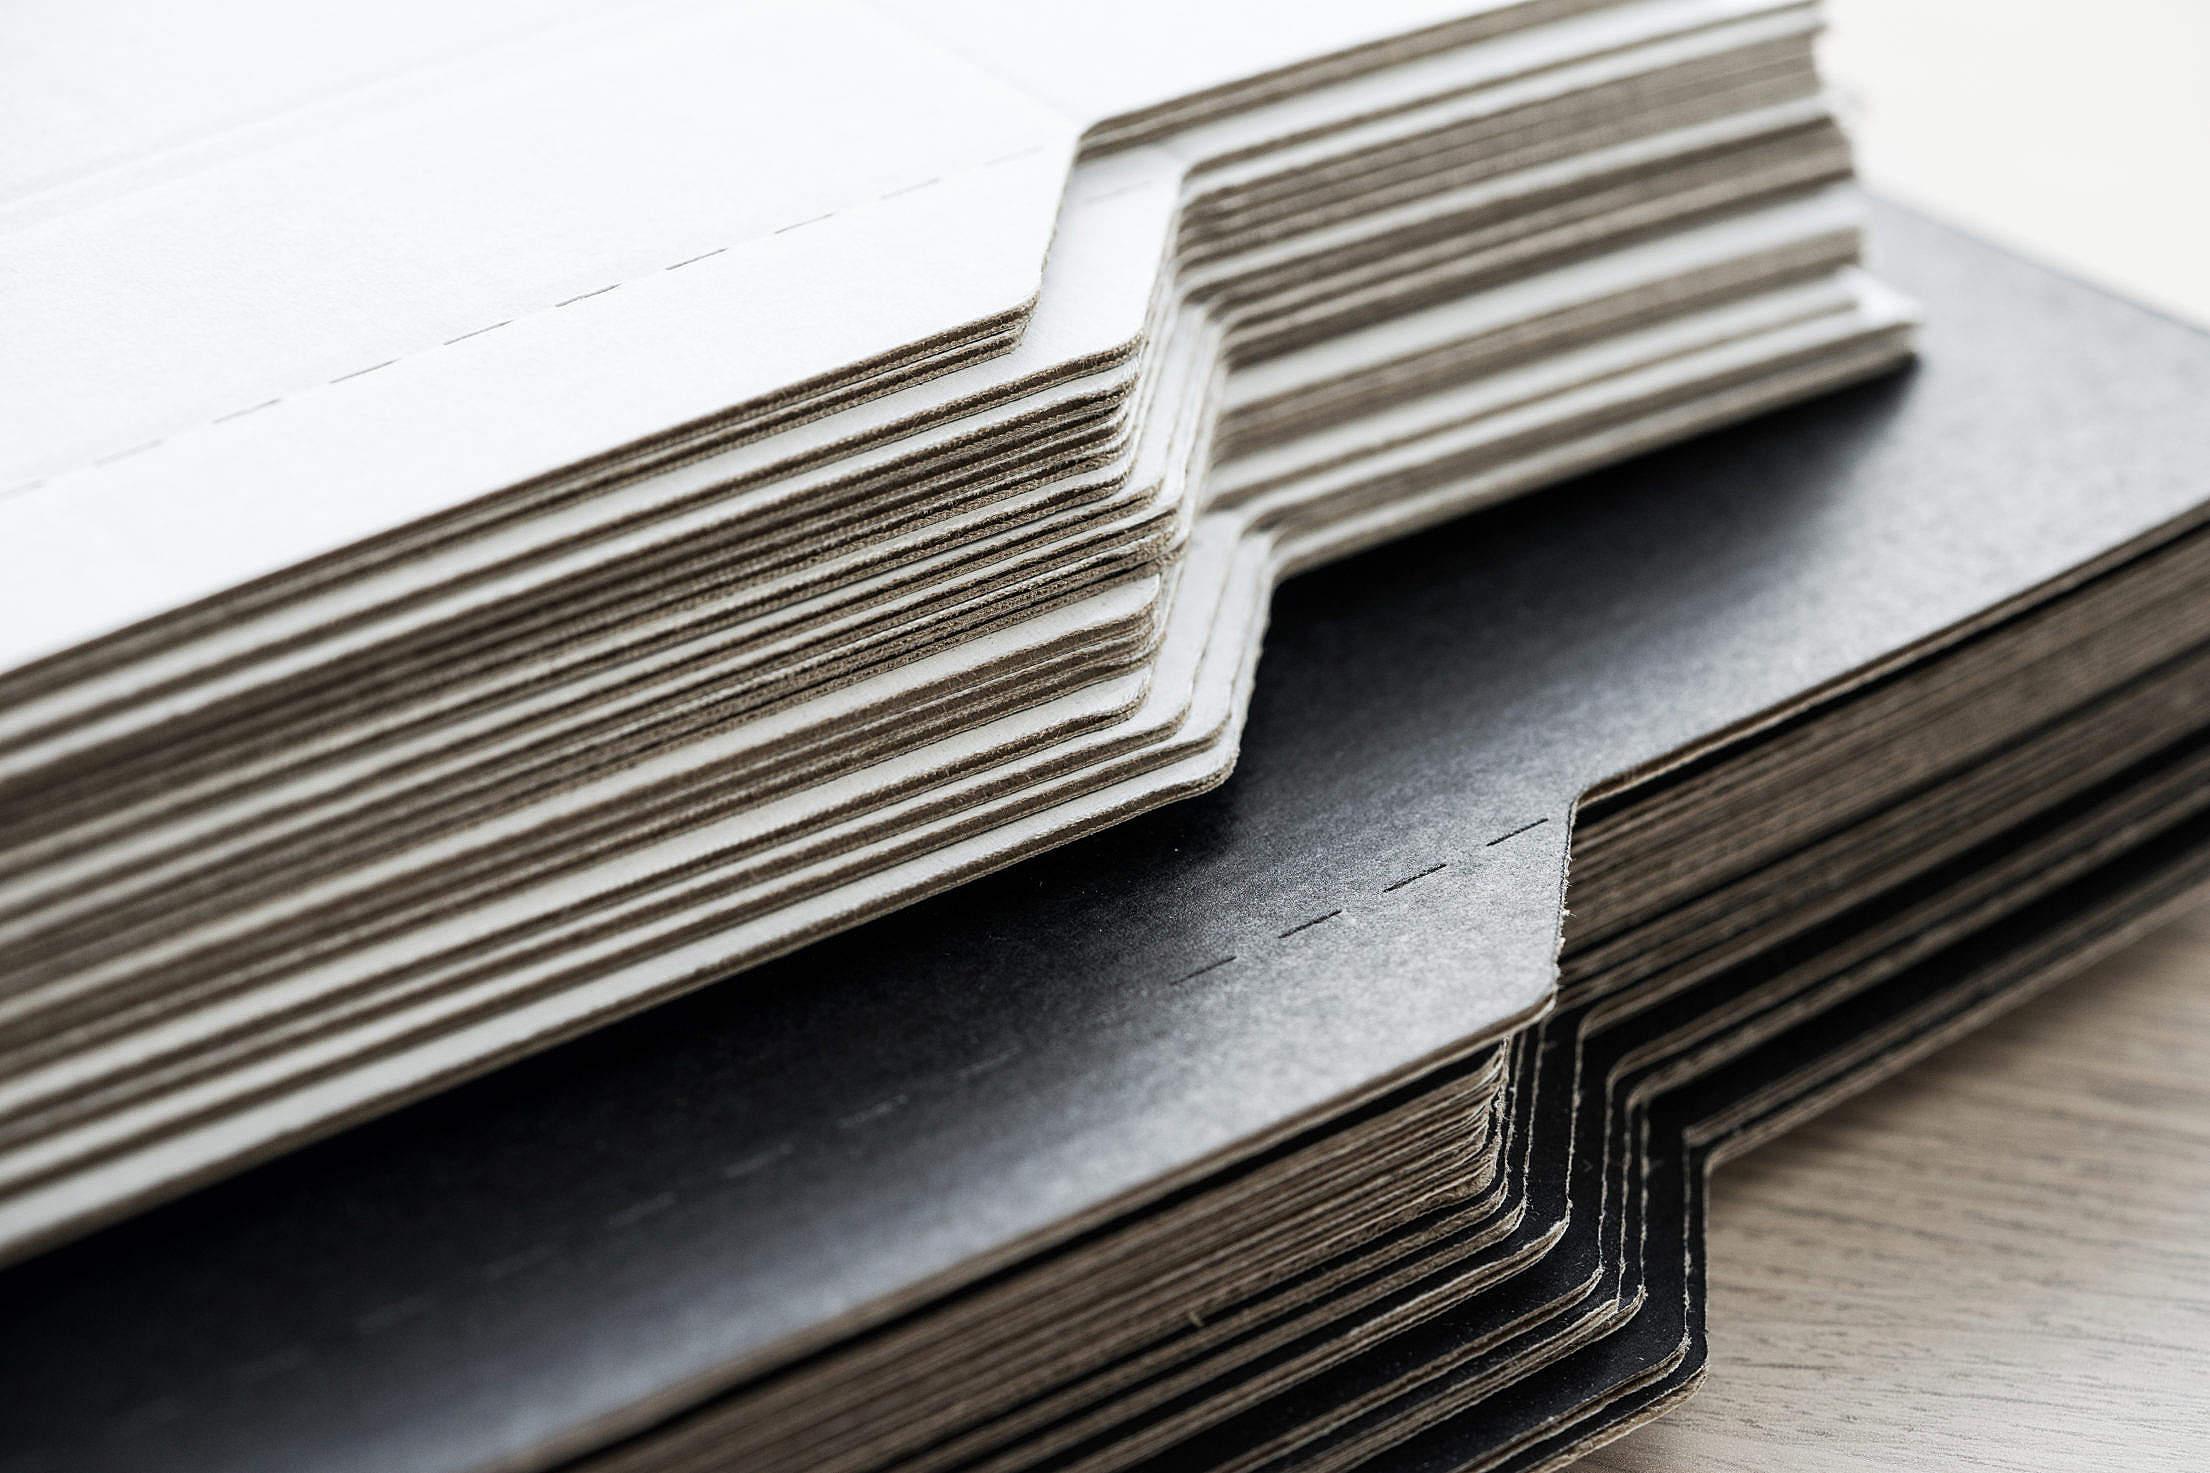 紙製品加工のお仕事